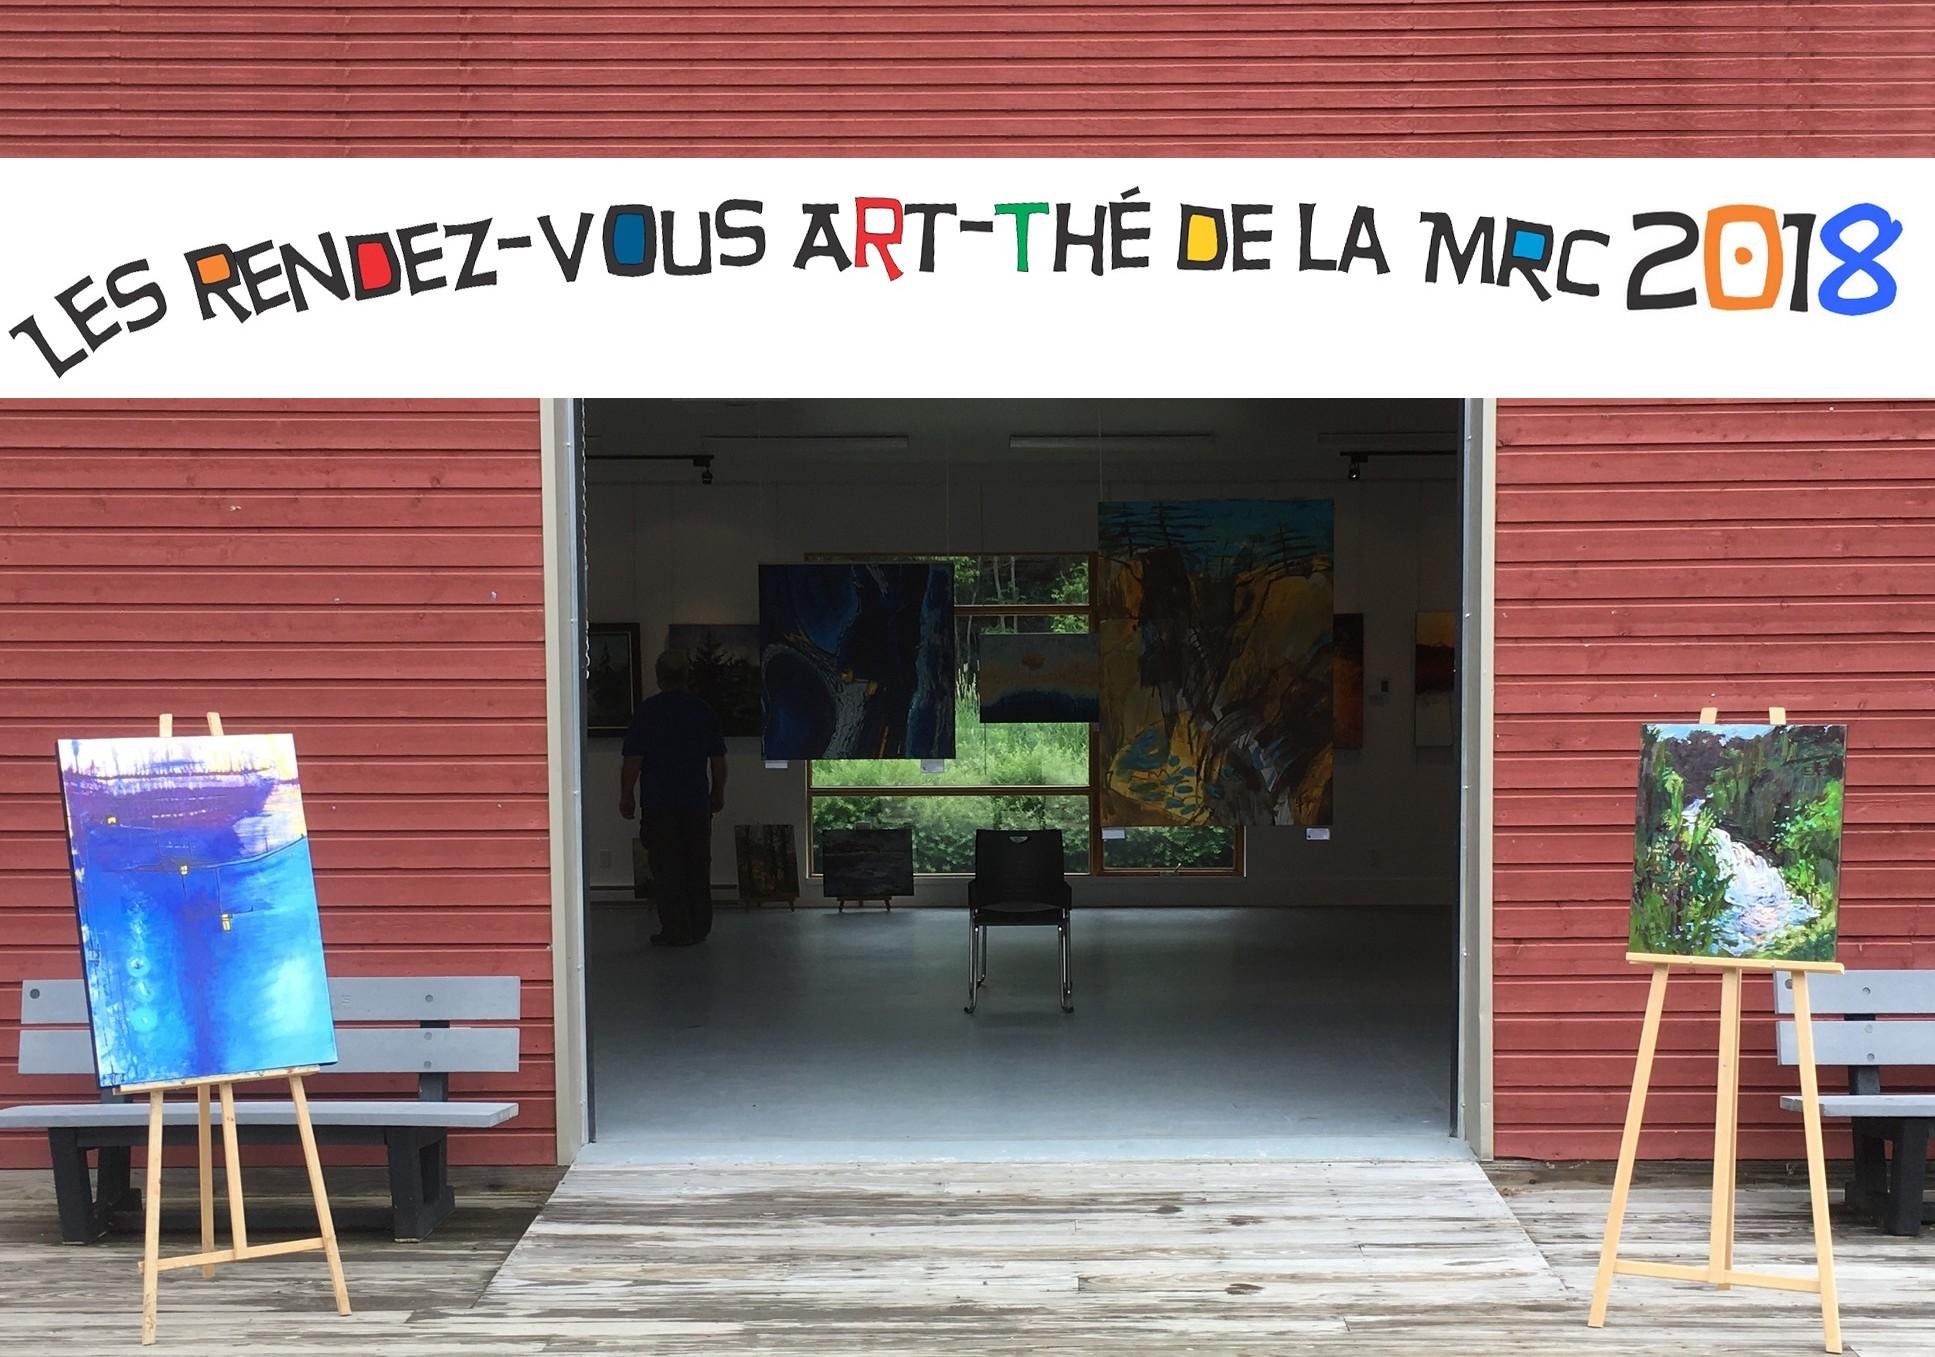 rendez-vous-art-the-2018-pub